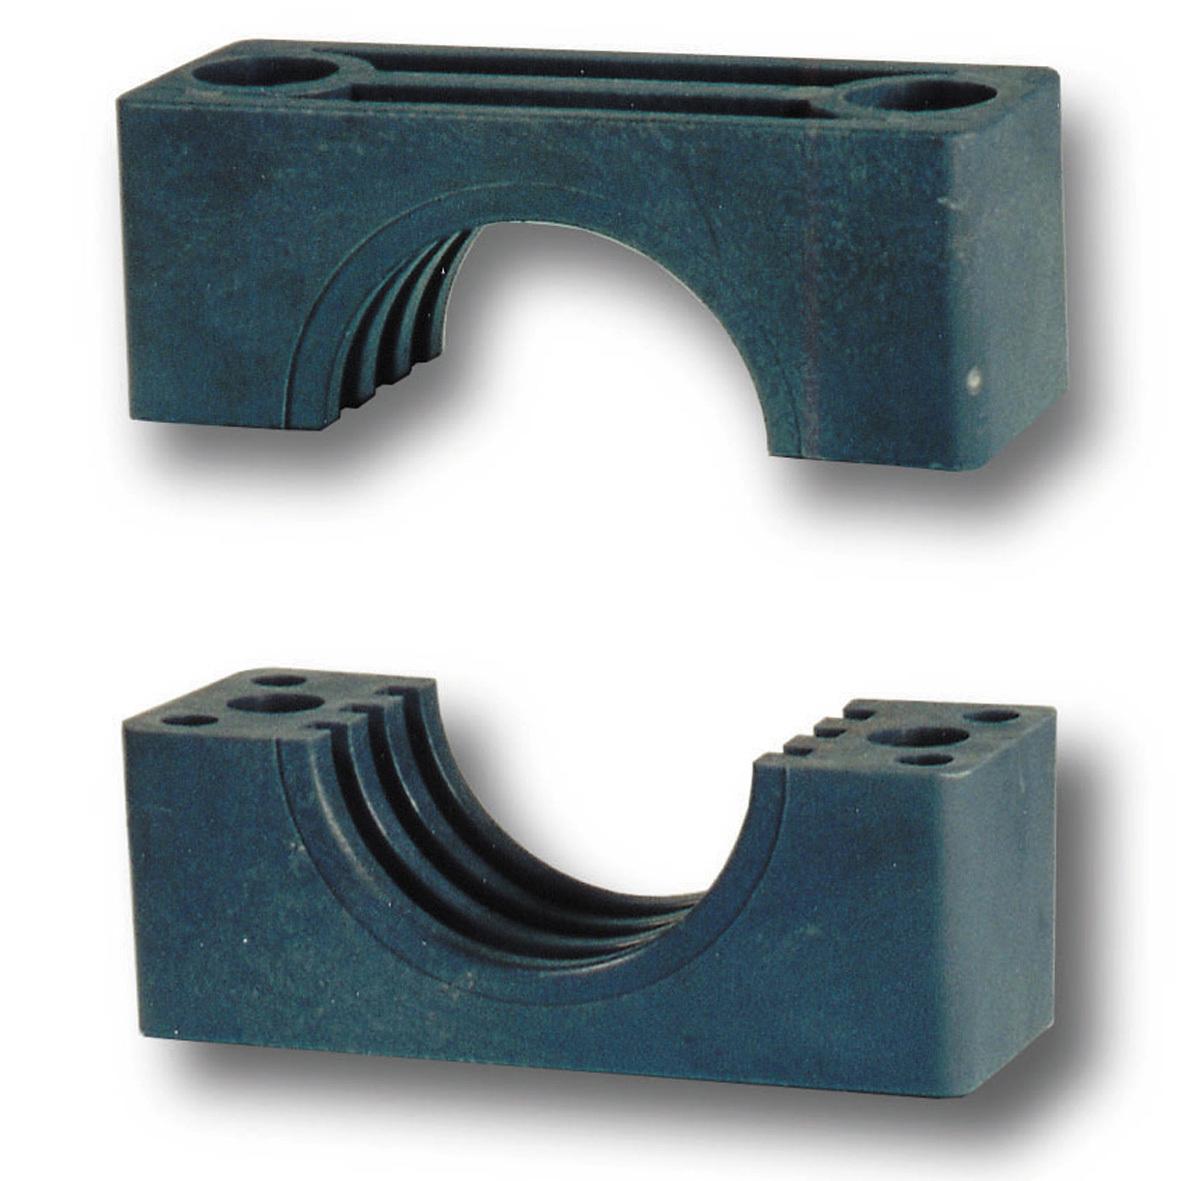 Kiowa Ltd. - 32mm CP3 HS PP Pipe Clamp Jaws - | Kiowa Ltd ...